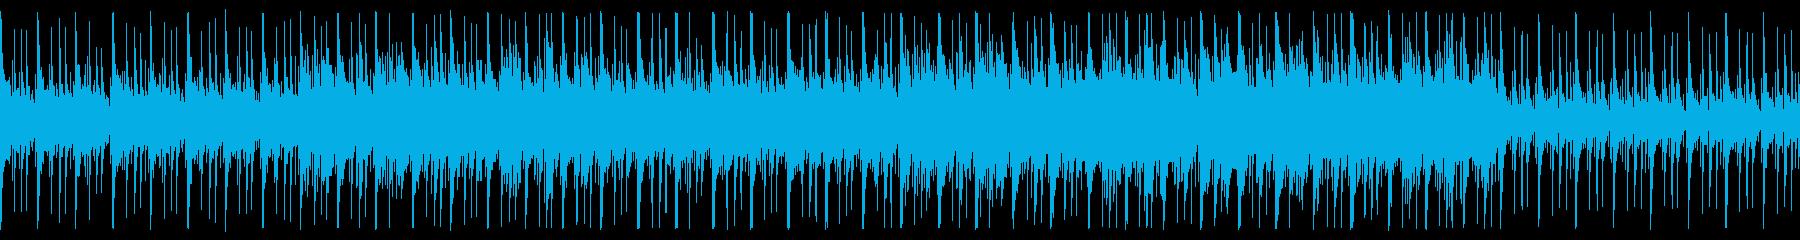 和×JAZZのゆったりループBGMの再生済みの波形